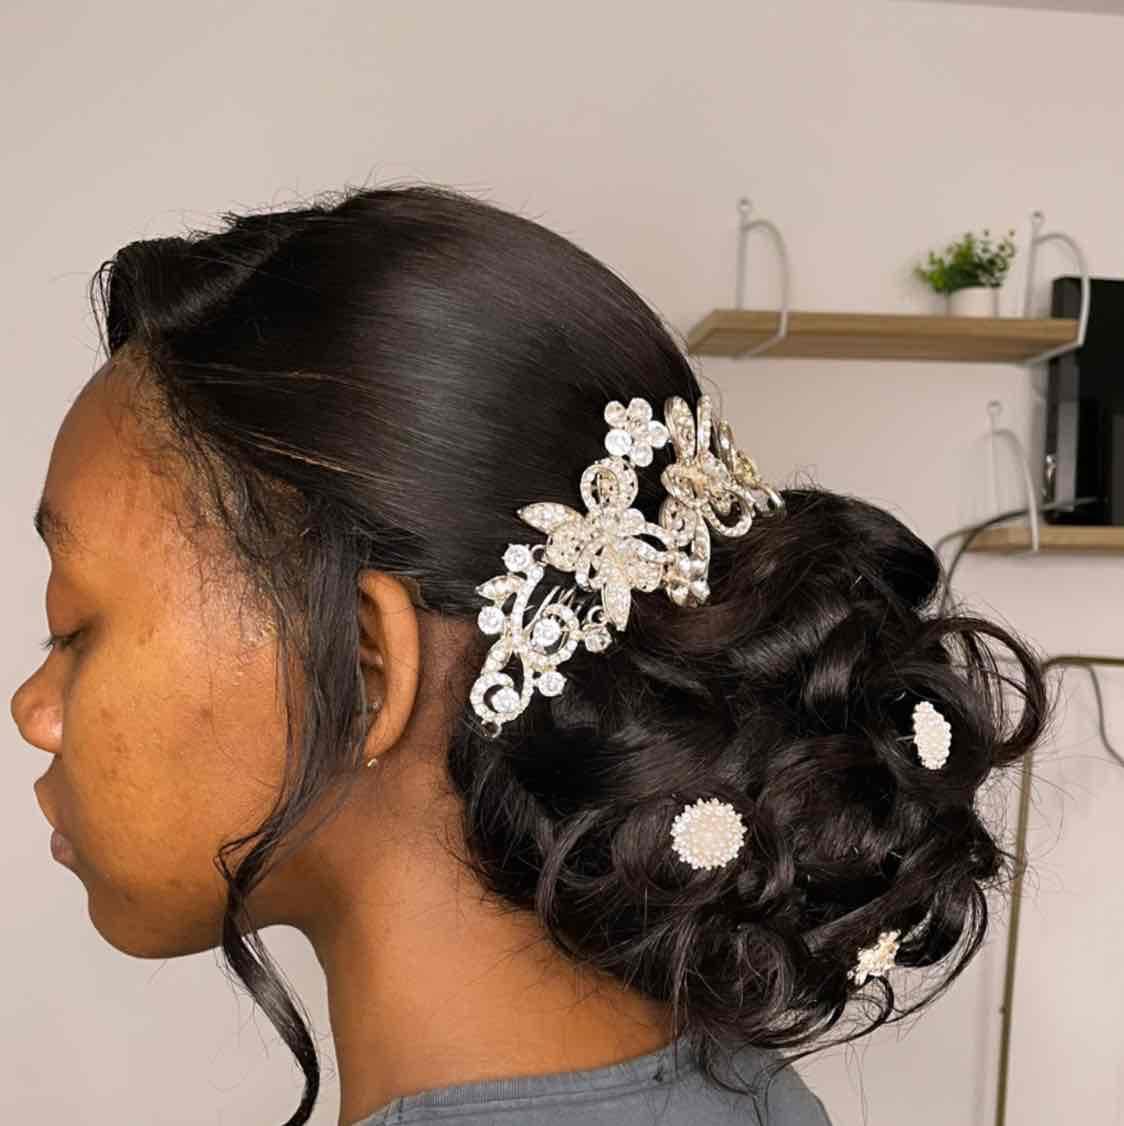 salon de coiffure afro tresse tresses box braids crochet braids vanilles tissages paris 75 77 78 91 92 93 94 95 SEUDTSYP